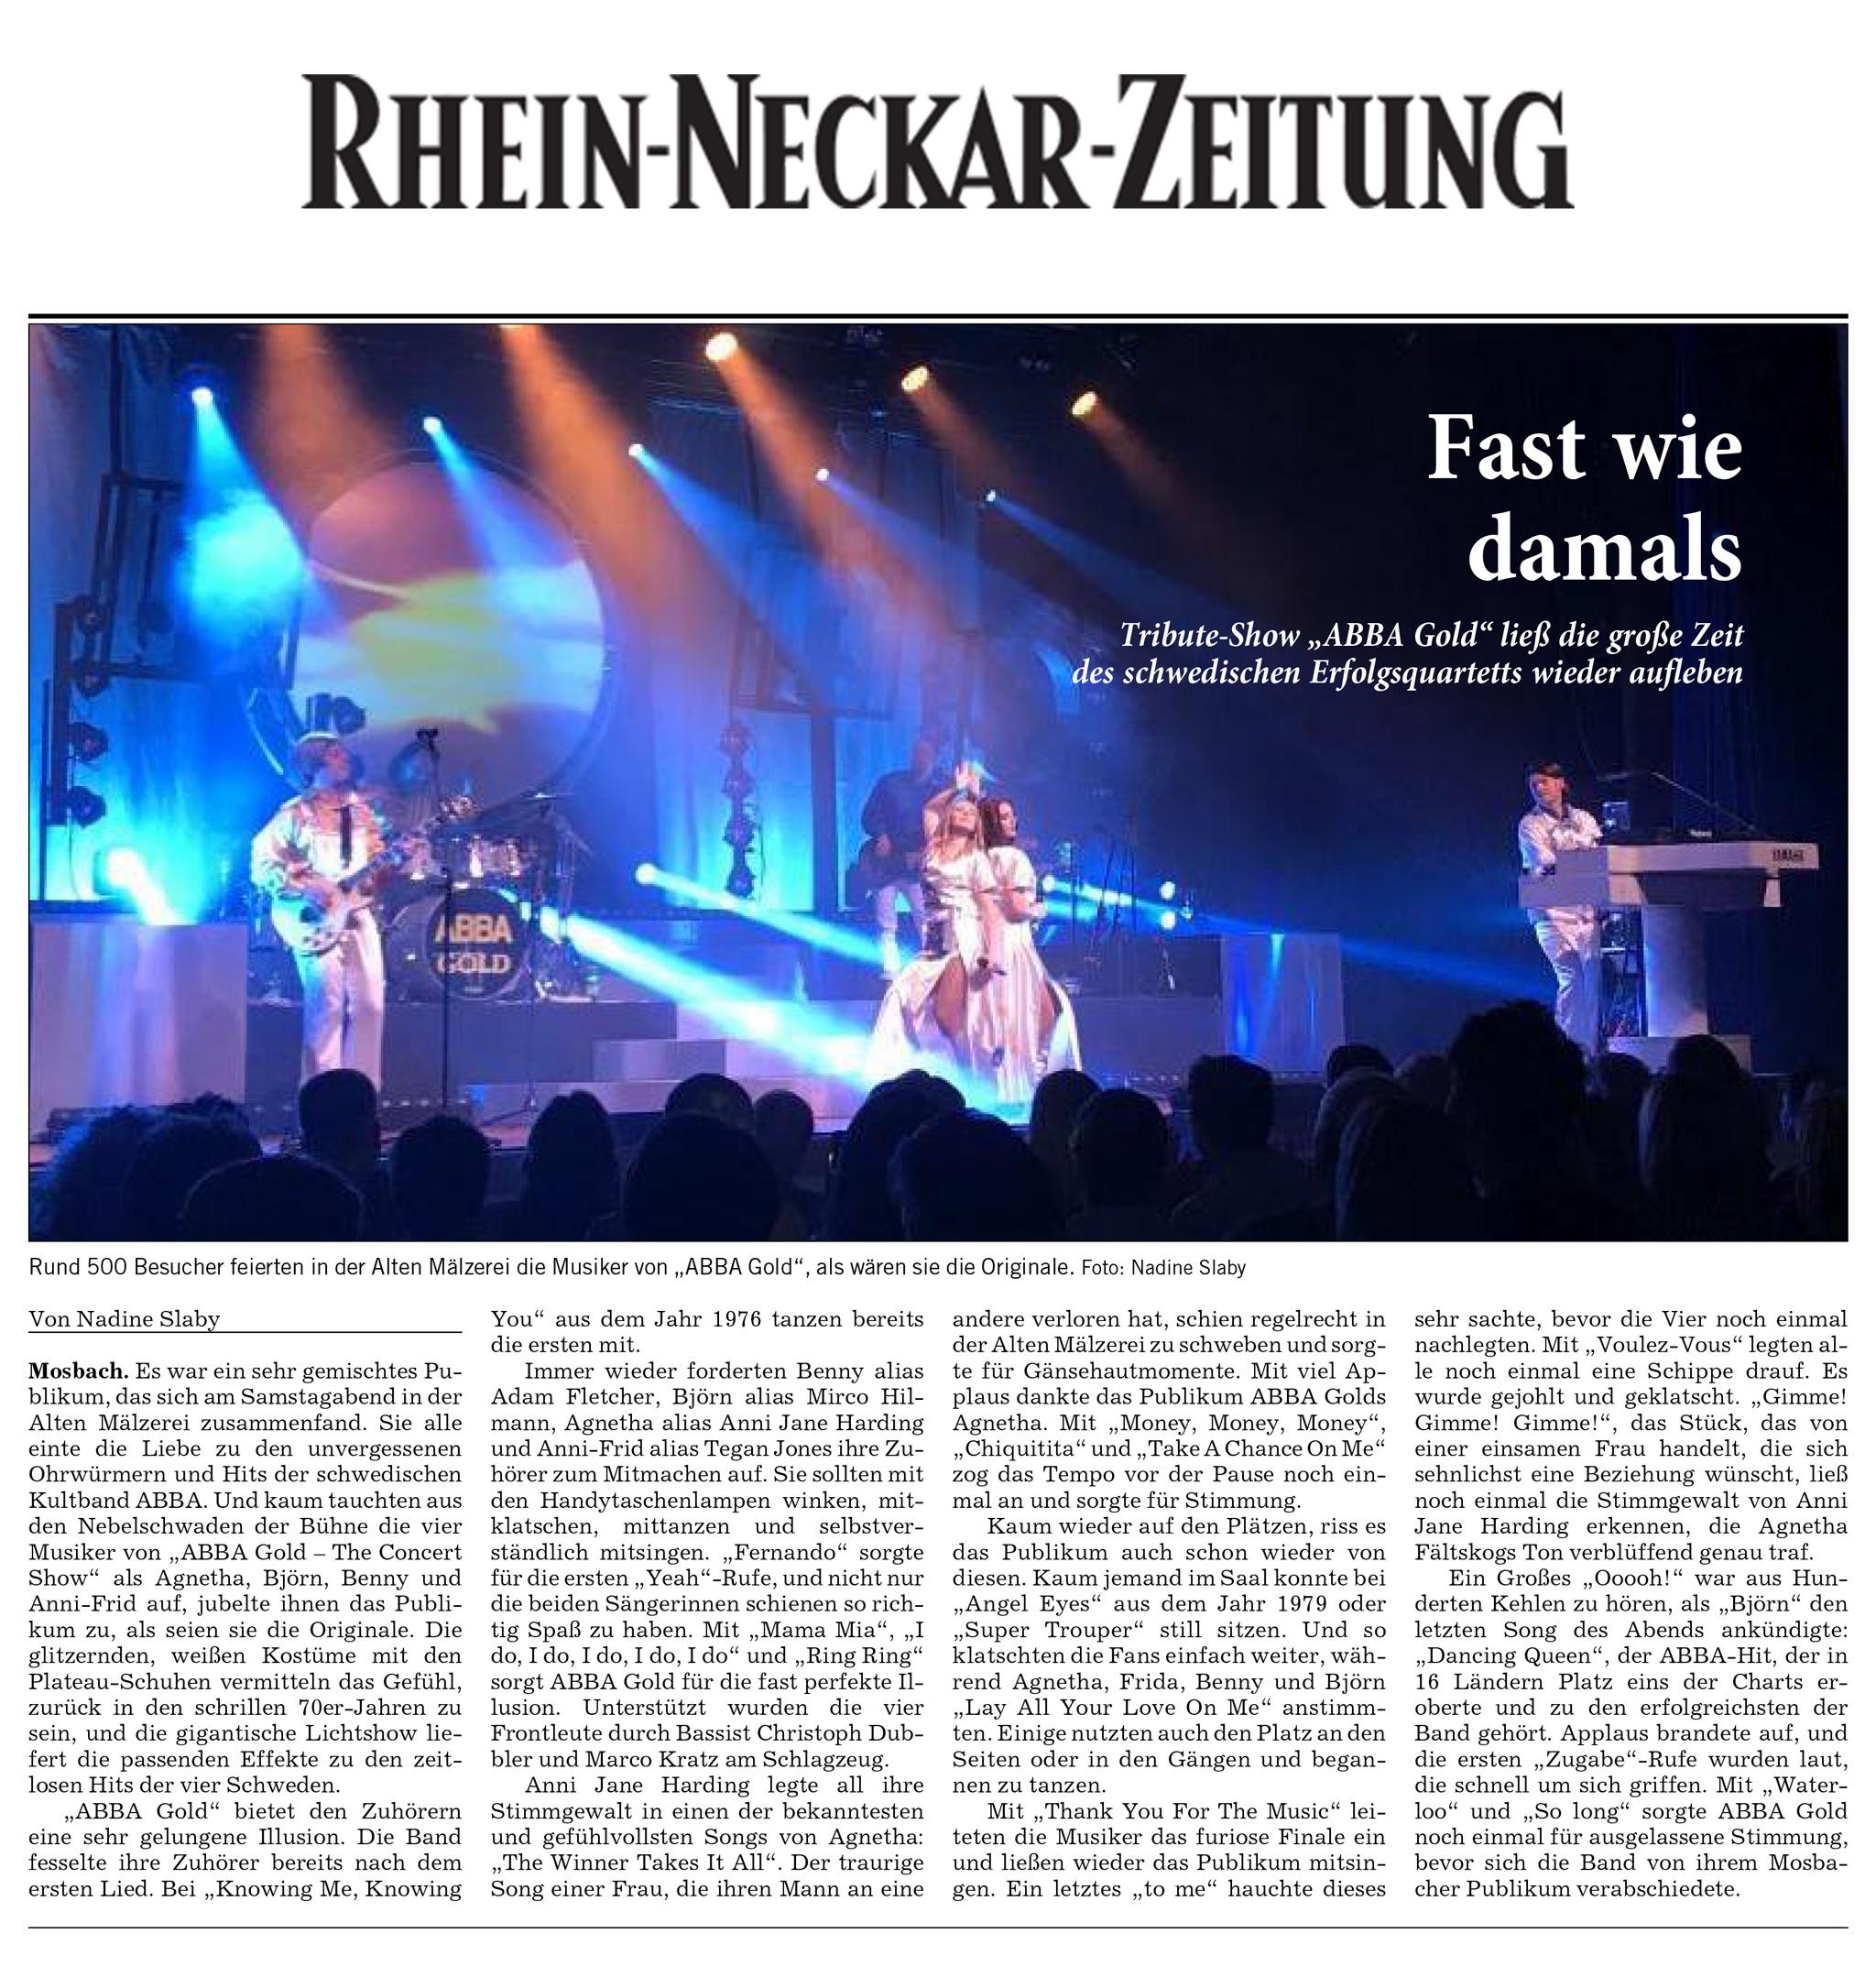 Rhein neckar zeitung gewinnspiel 2019